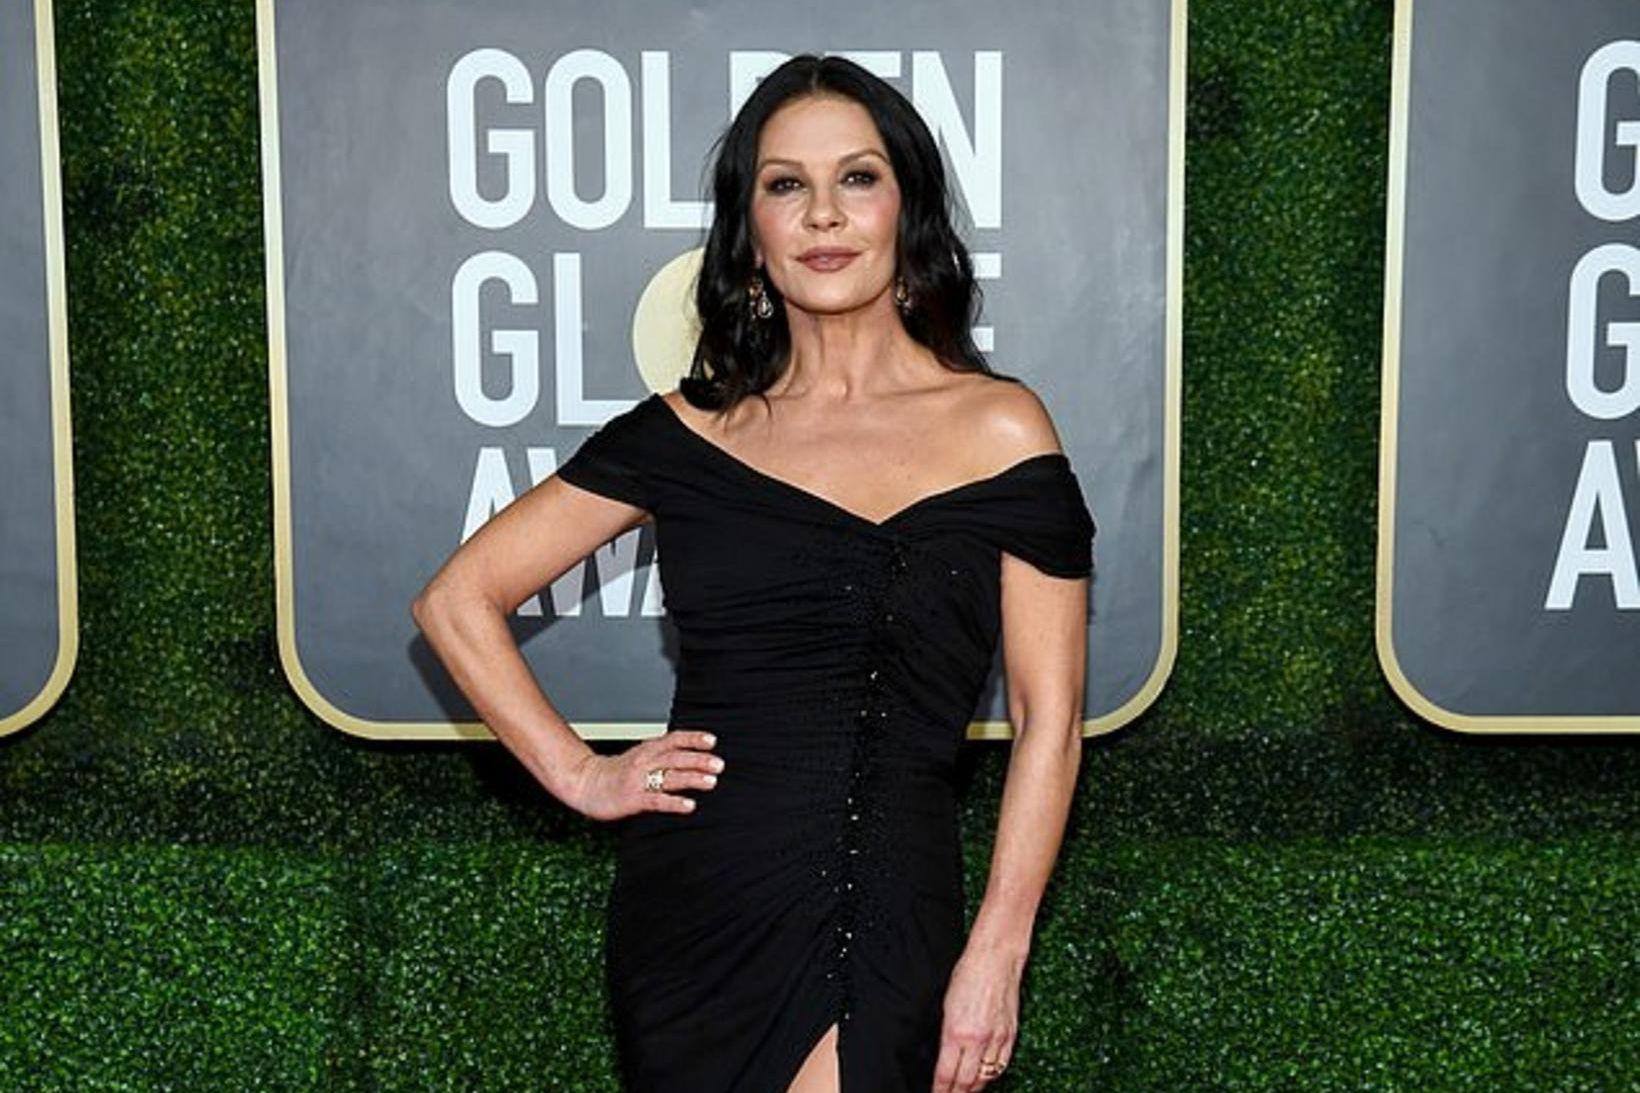 Hollywood leikkonan Catherine Zeta-Jones elskar súkkulaði og borðar slíkt alla …